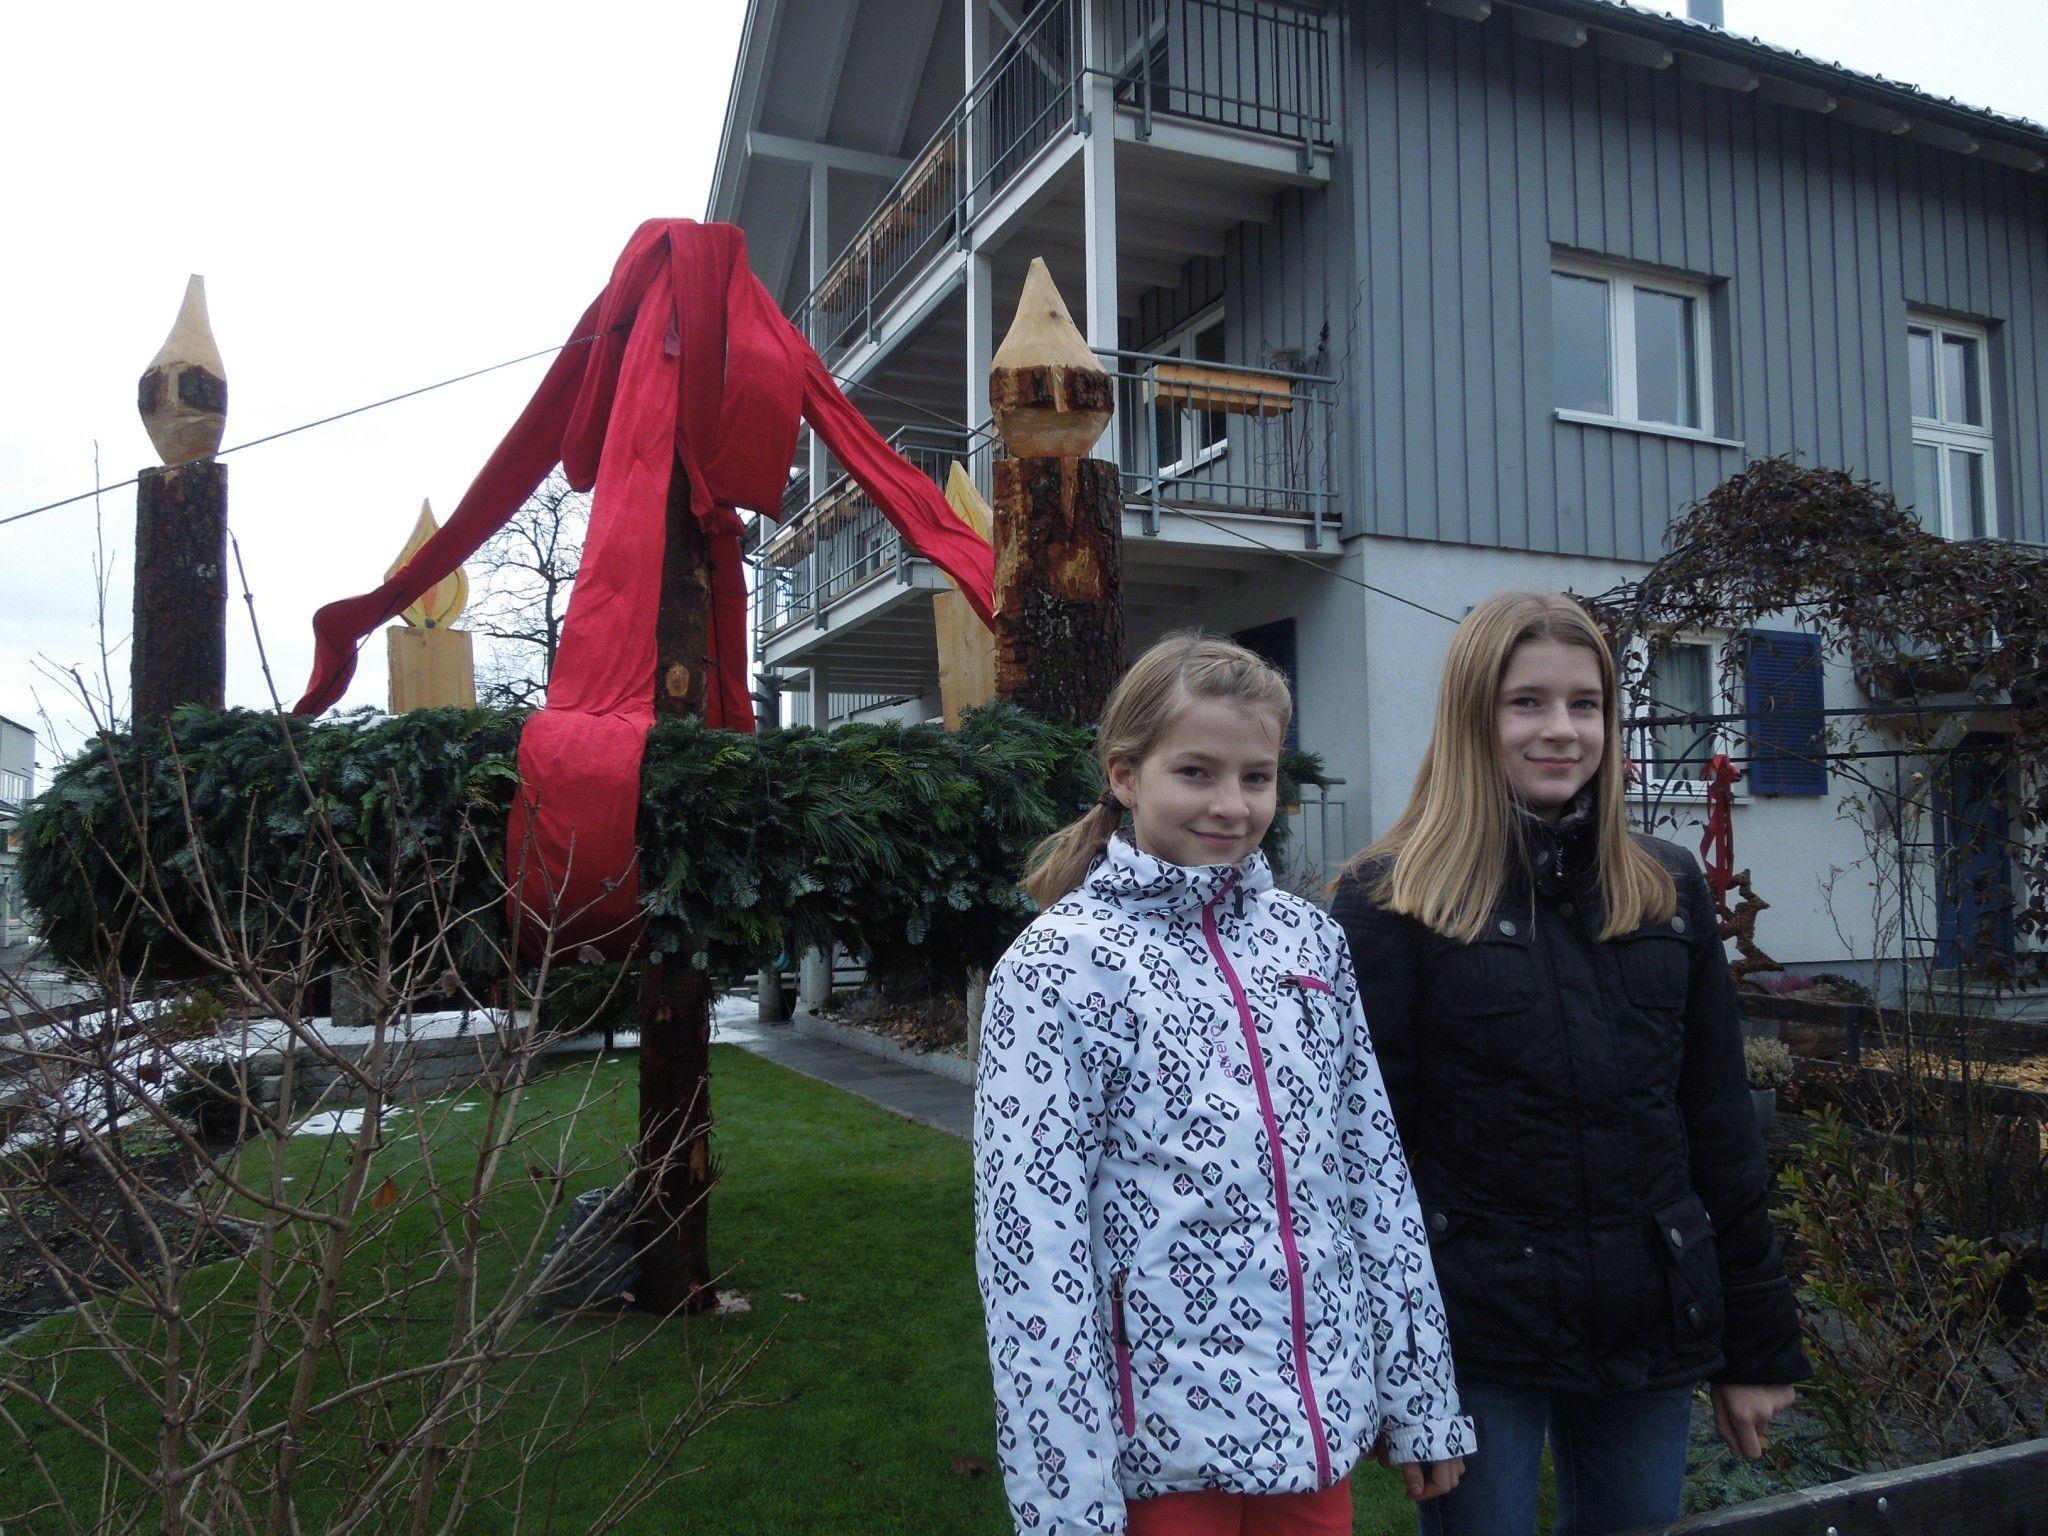 Familie Ilg (im Bild Lena und Julia) hat wohl den größten Adventkranz in Dornbirn. 14 Meter umfasst der große Kranz!